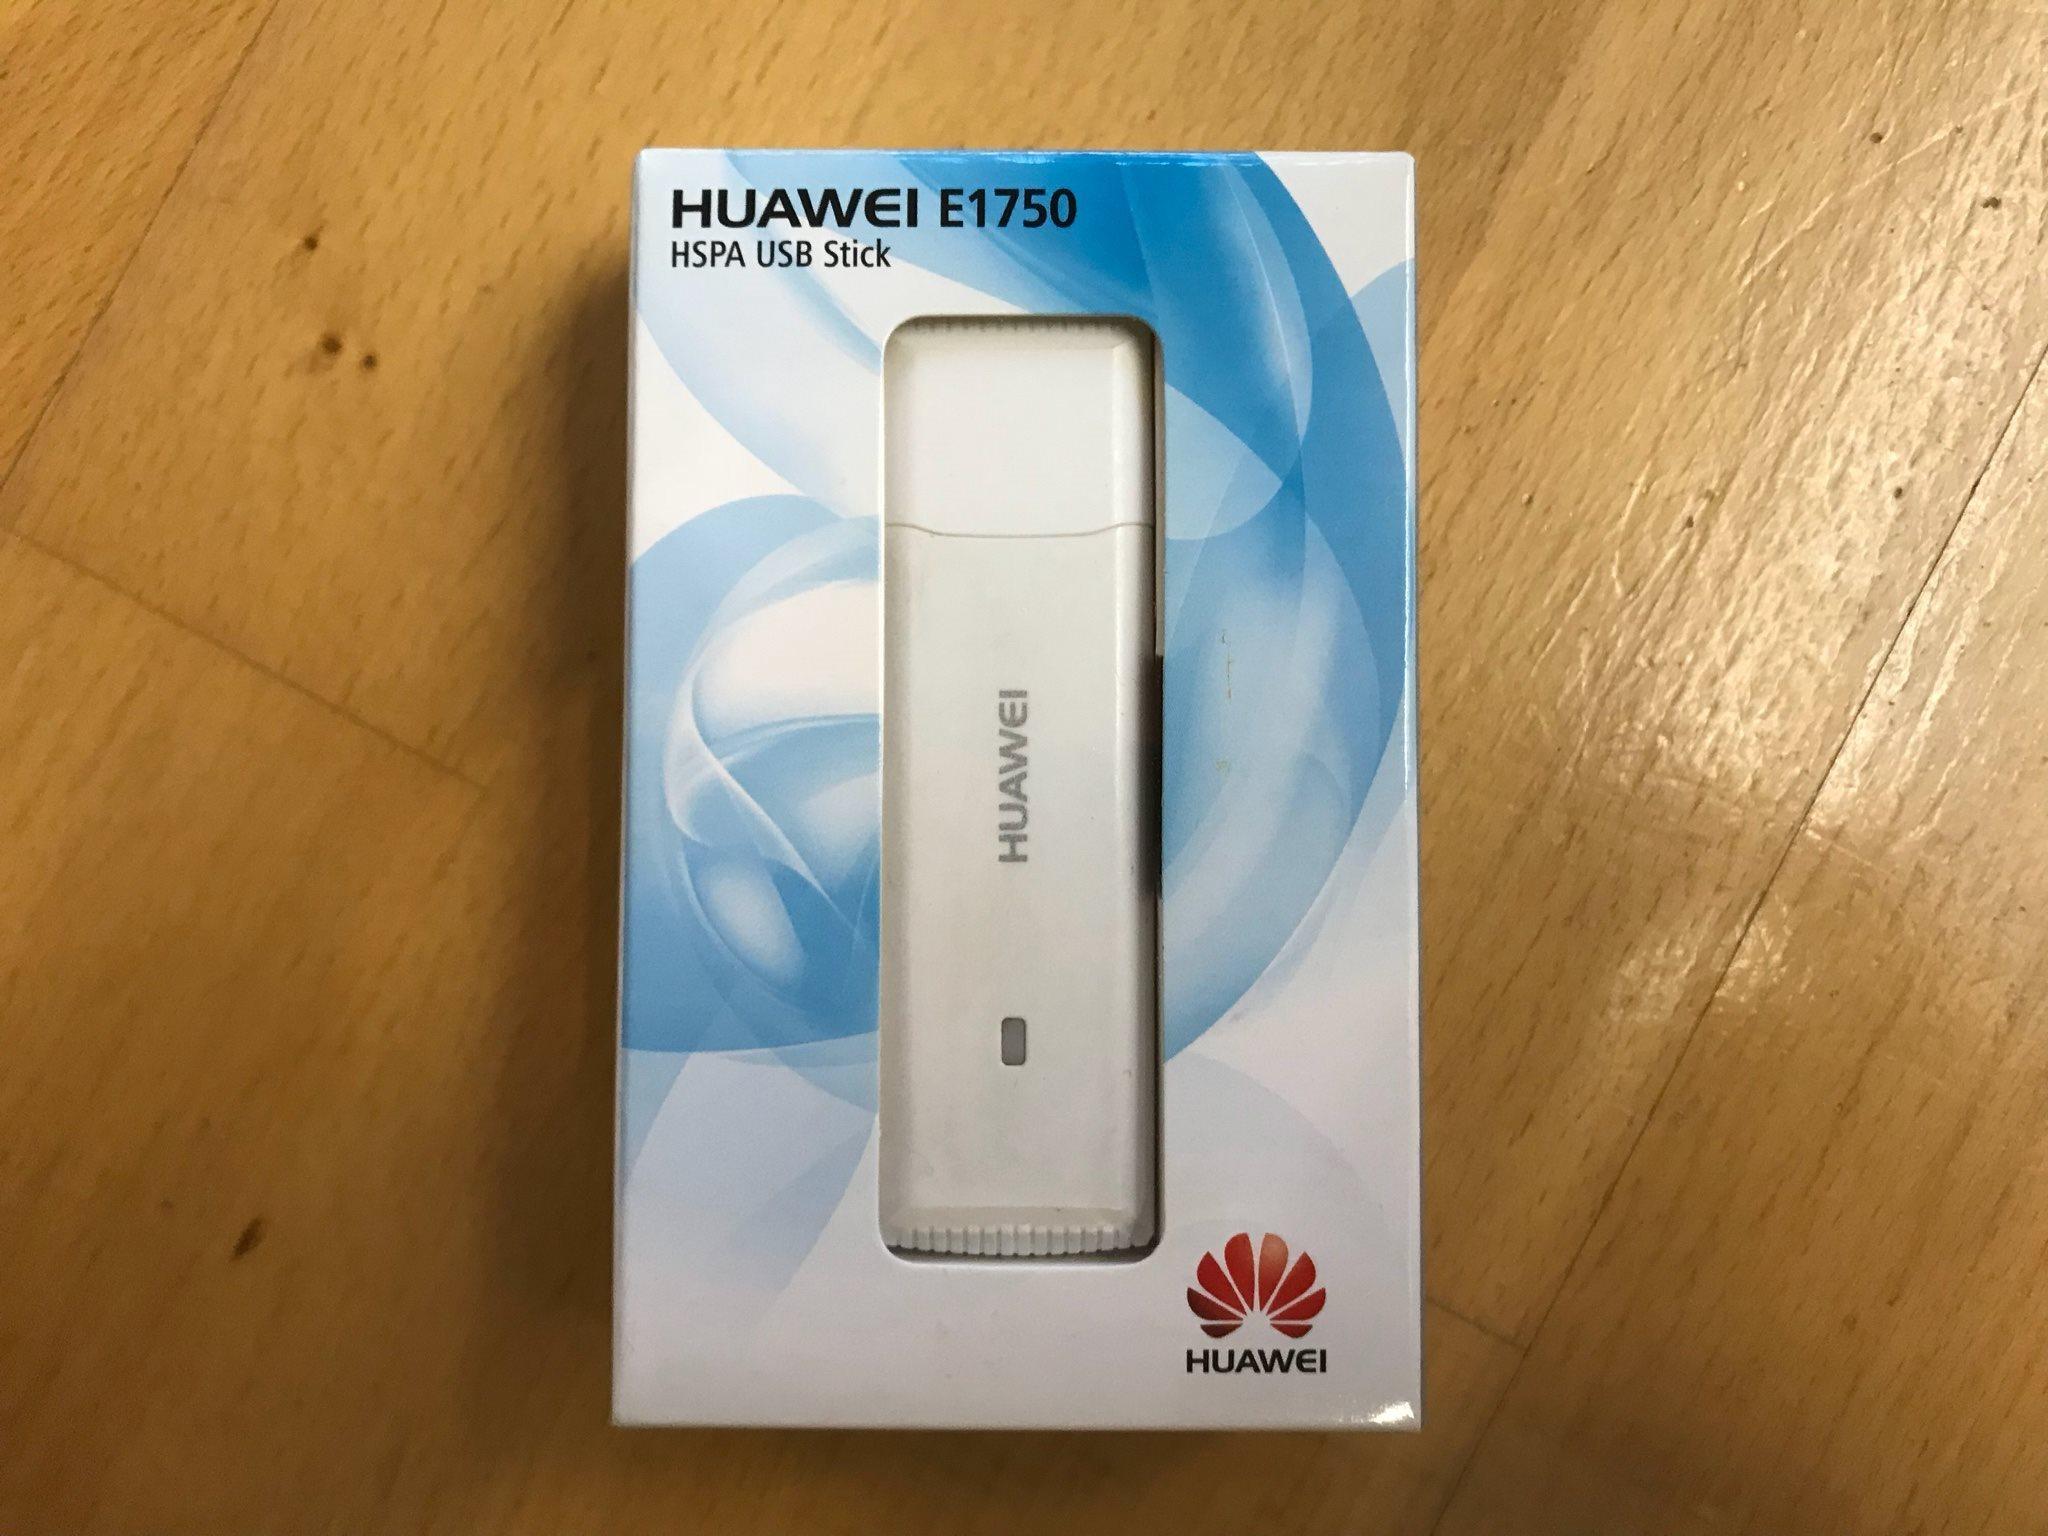 huawei e1750 hspa stick modem mobilt bredband på tradera com